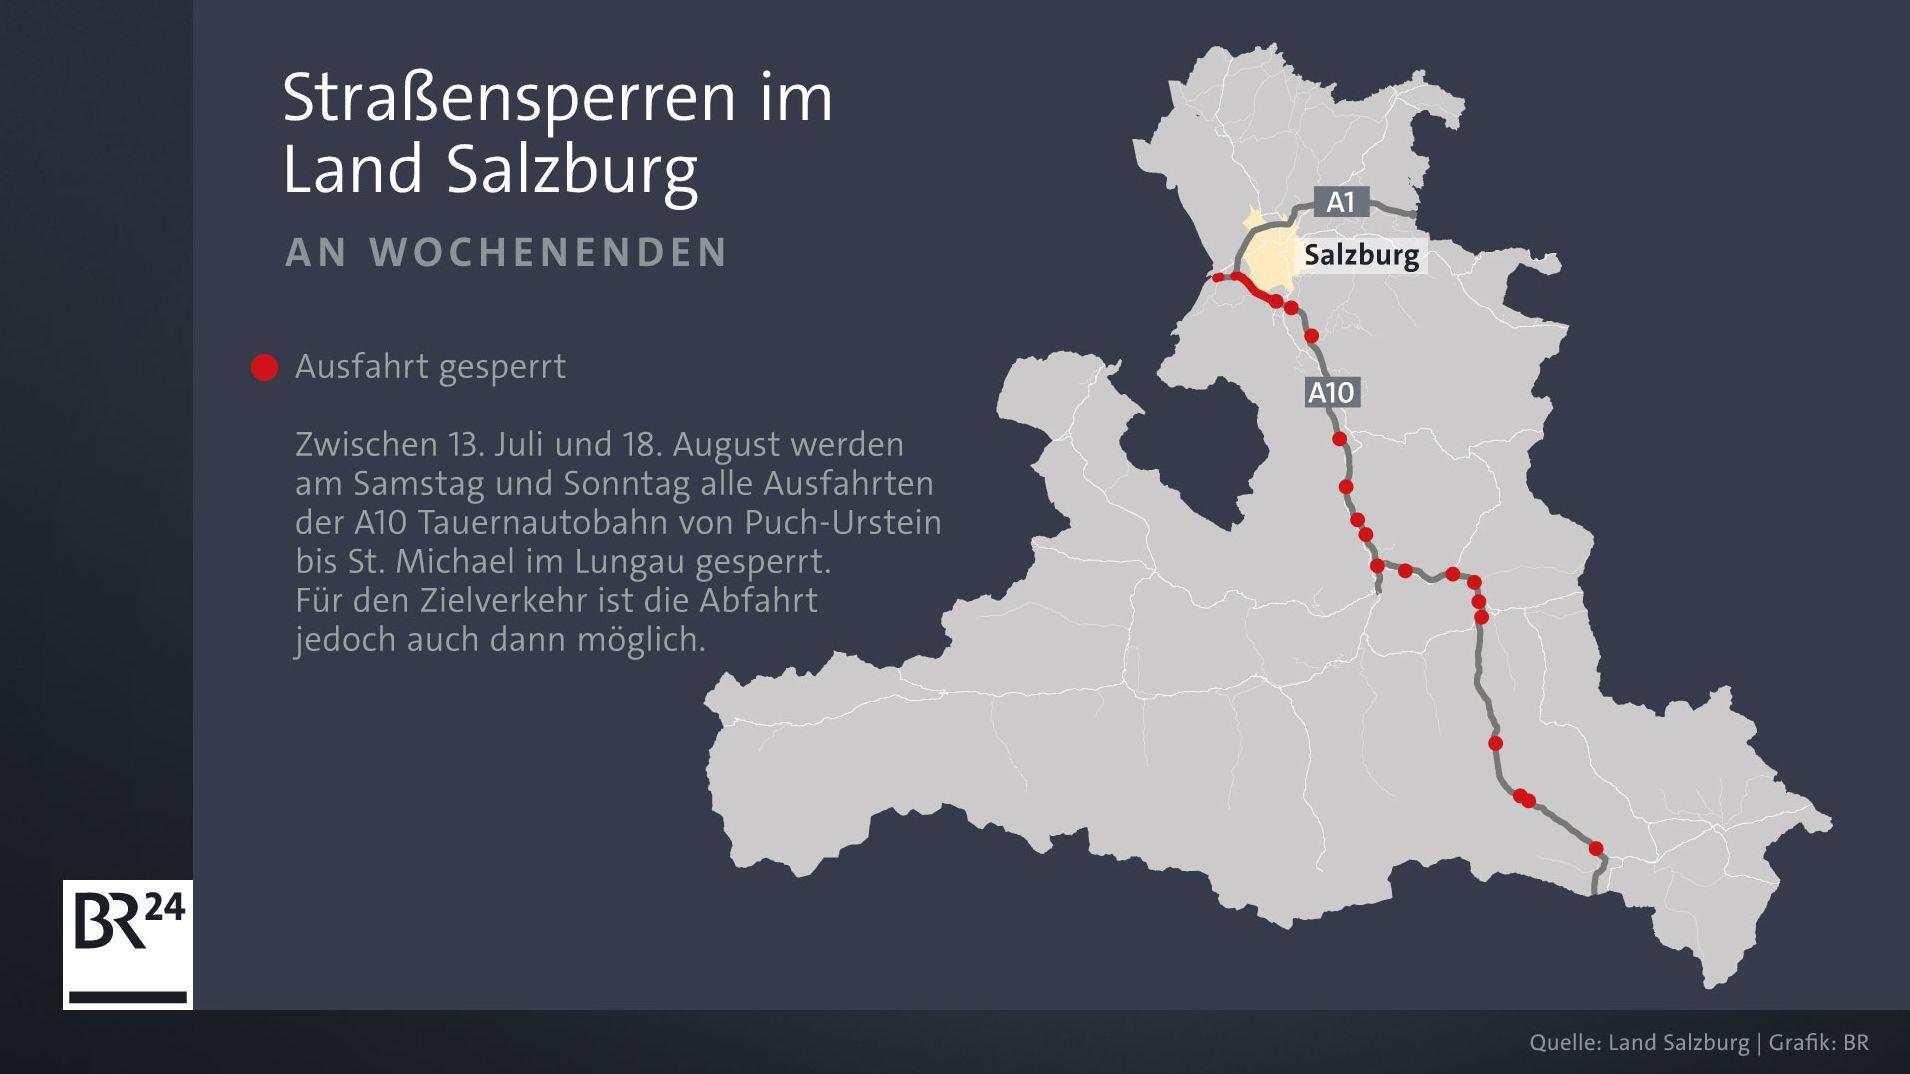 Ab 13. Juli will Salzburg Fahrverbote verhängen. Betroffen sind Ausfahrten der Tauernautobahn (A10) von Puch-Urstein bis St. Michael im Lungau.